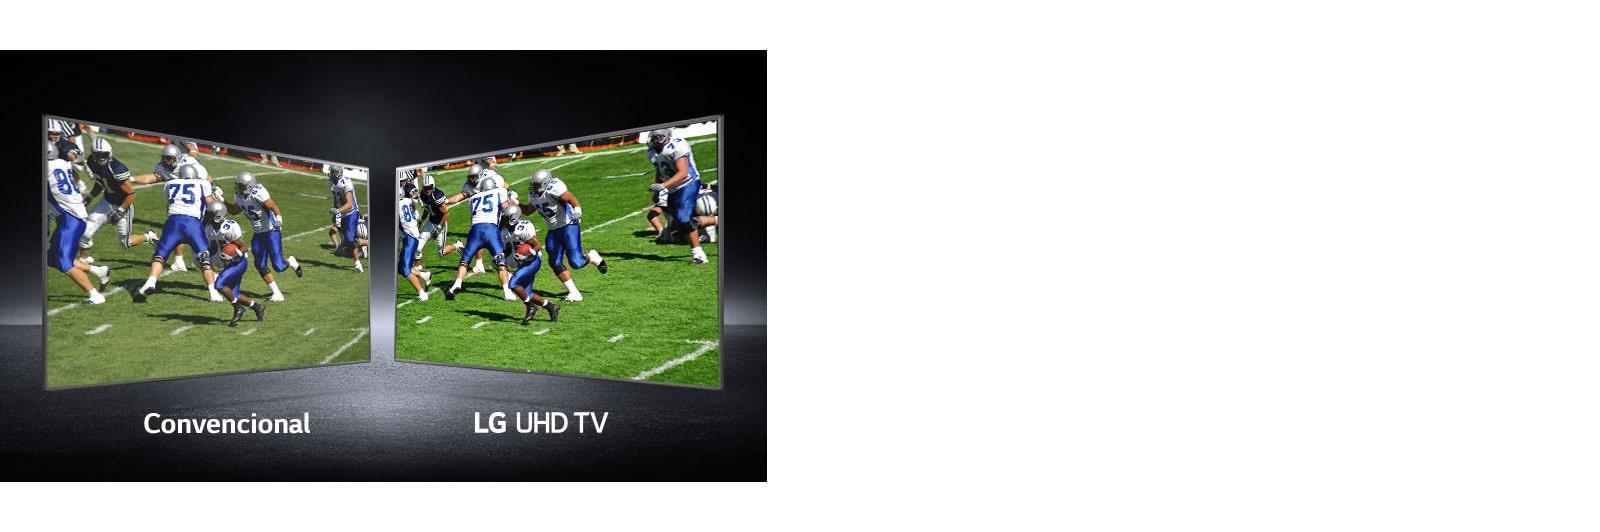 Uma imagem de jogadores jogando em um campo de futebol mostrada em diversas visões. Uma das visões mostra uma tela convencional e uma TV UHD.